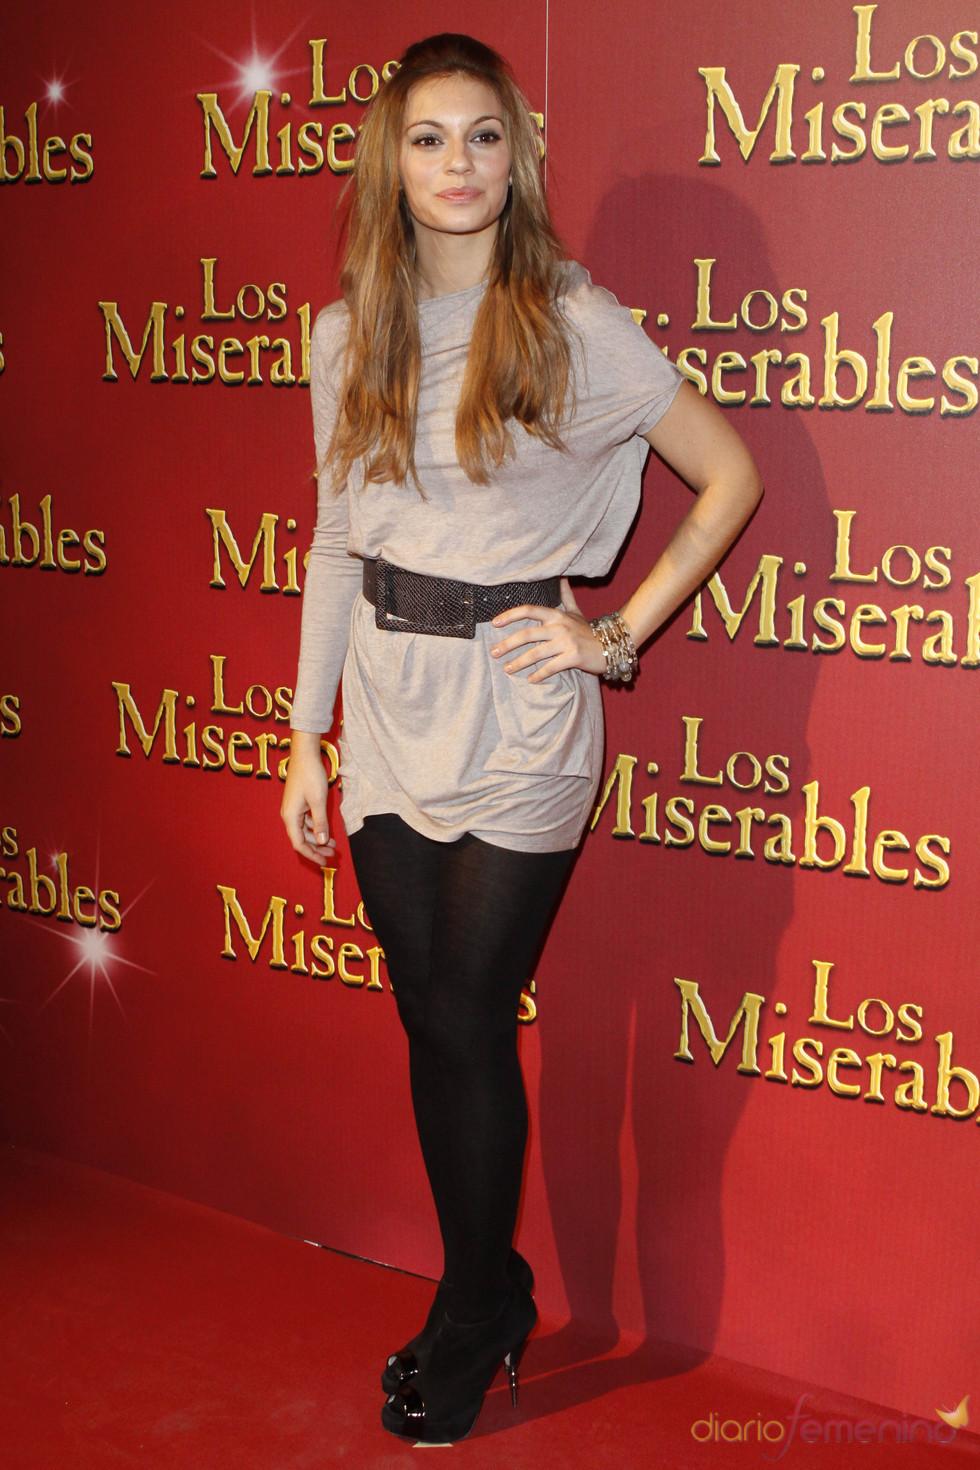 Norma Ruiz en la presentación de 'Los Miserables' en Madrid